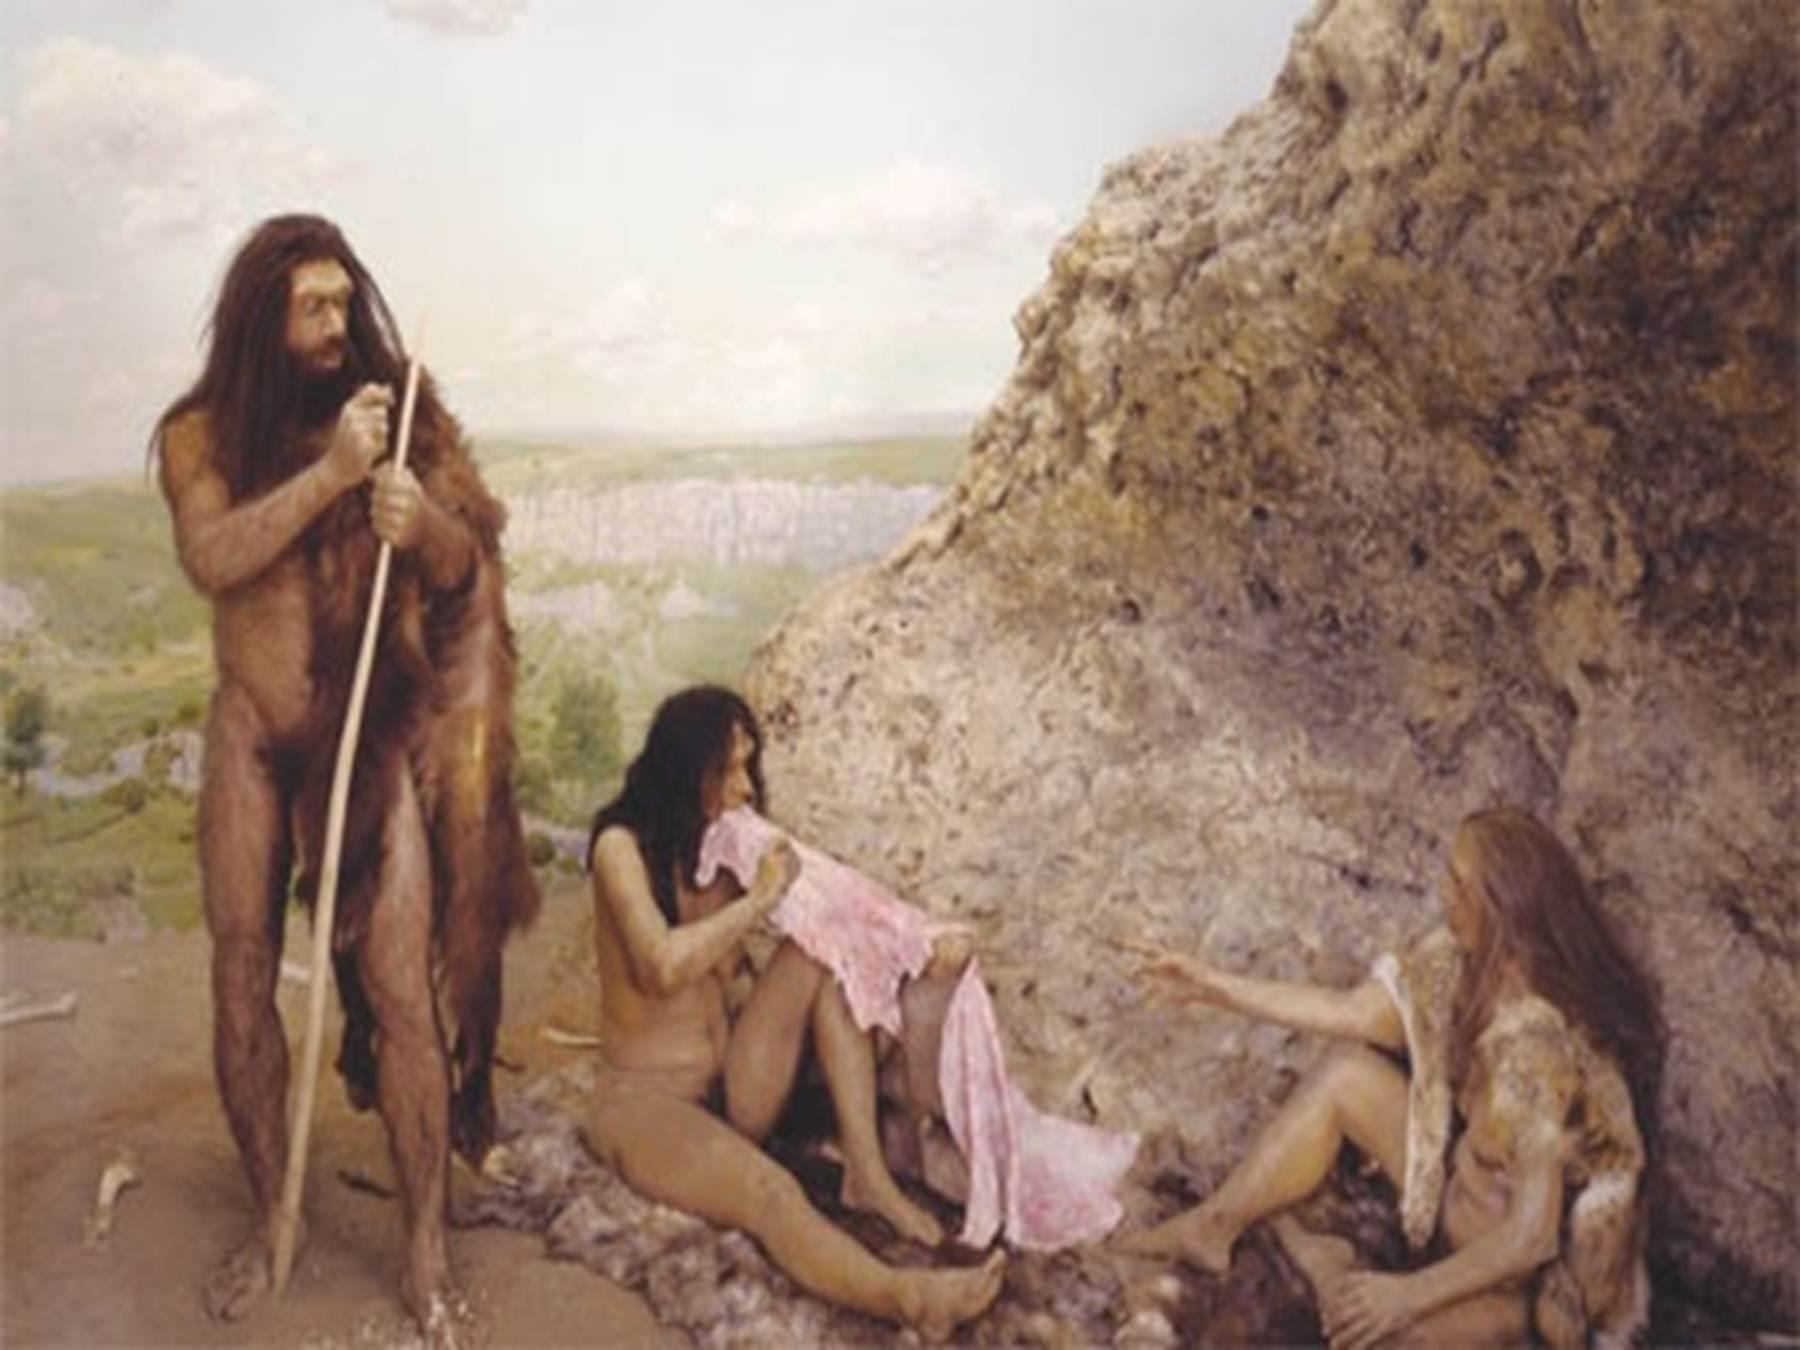 eroticheskiy-film-o-pervobitnih-lyudyah